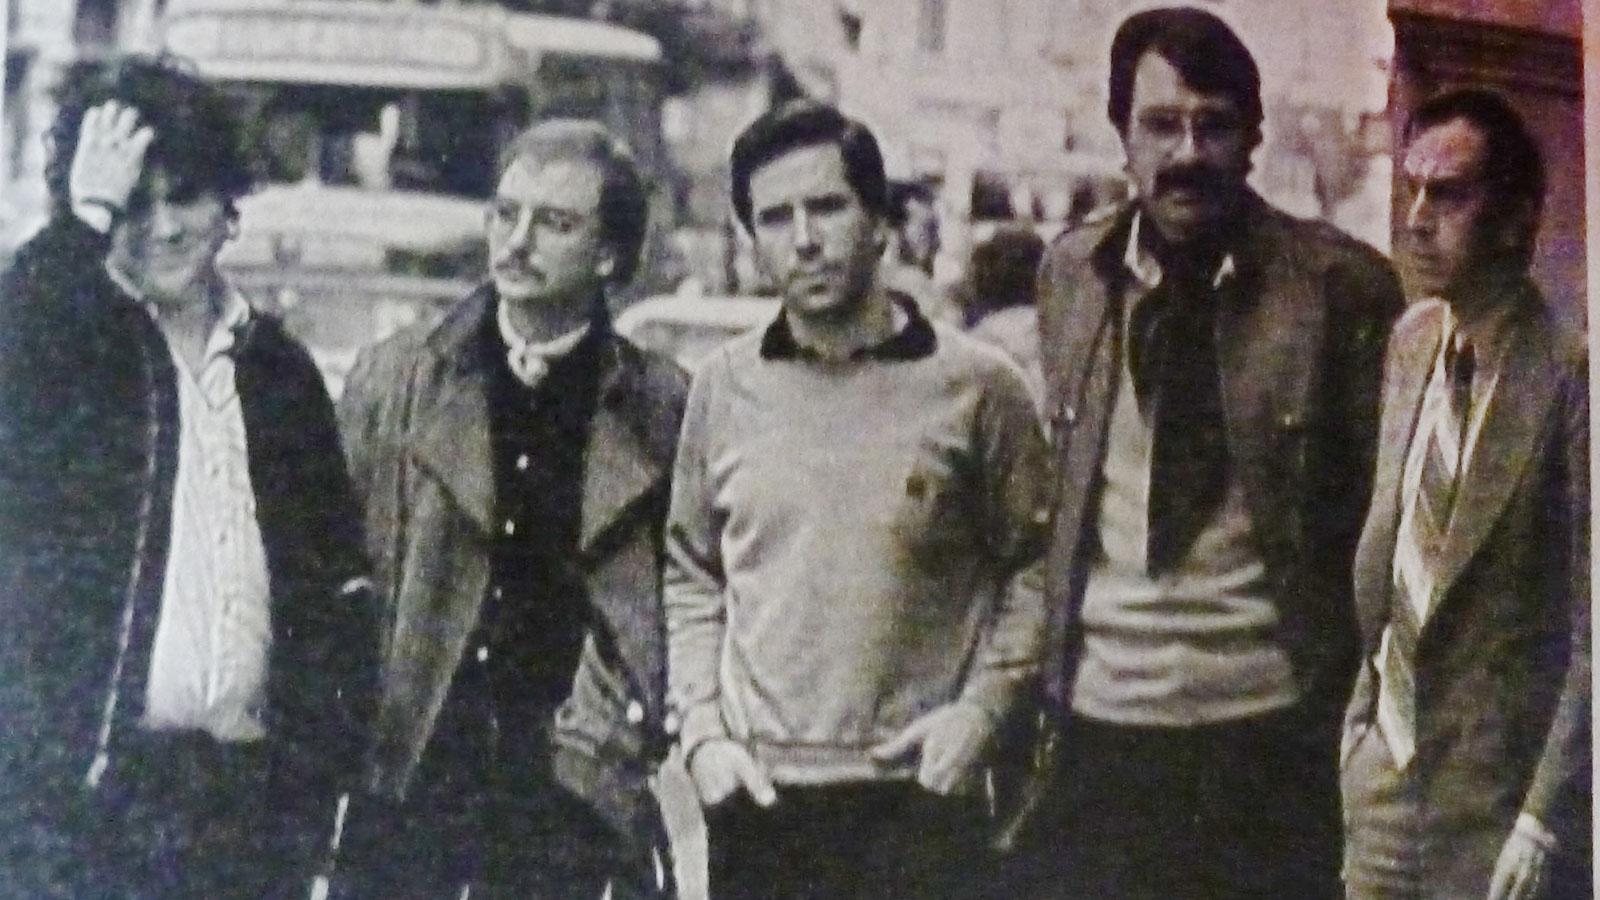 Los periodistas rosarinos amenazados: Pablo Feldman, Sergio Moreno,Alberto Gonzalo, Manuel Di Salvo y Eduardo De Paz.